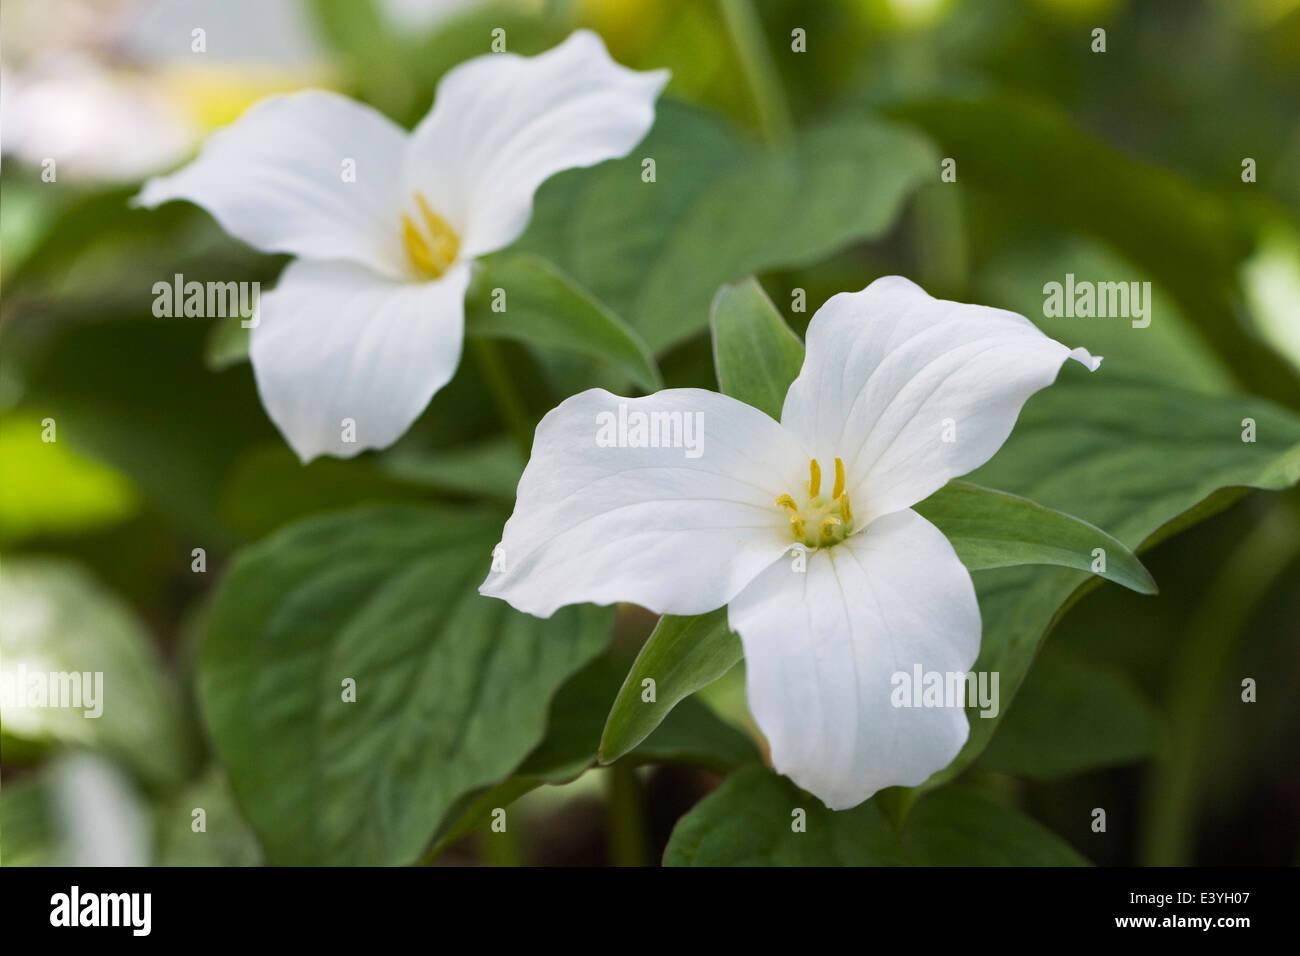 Trillium Grandiflorum Close Up Of Trillium Flowers White Wake